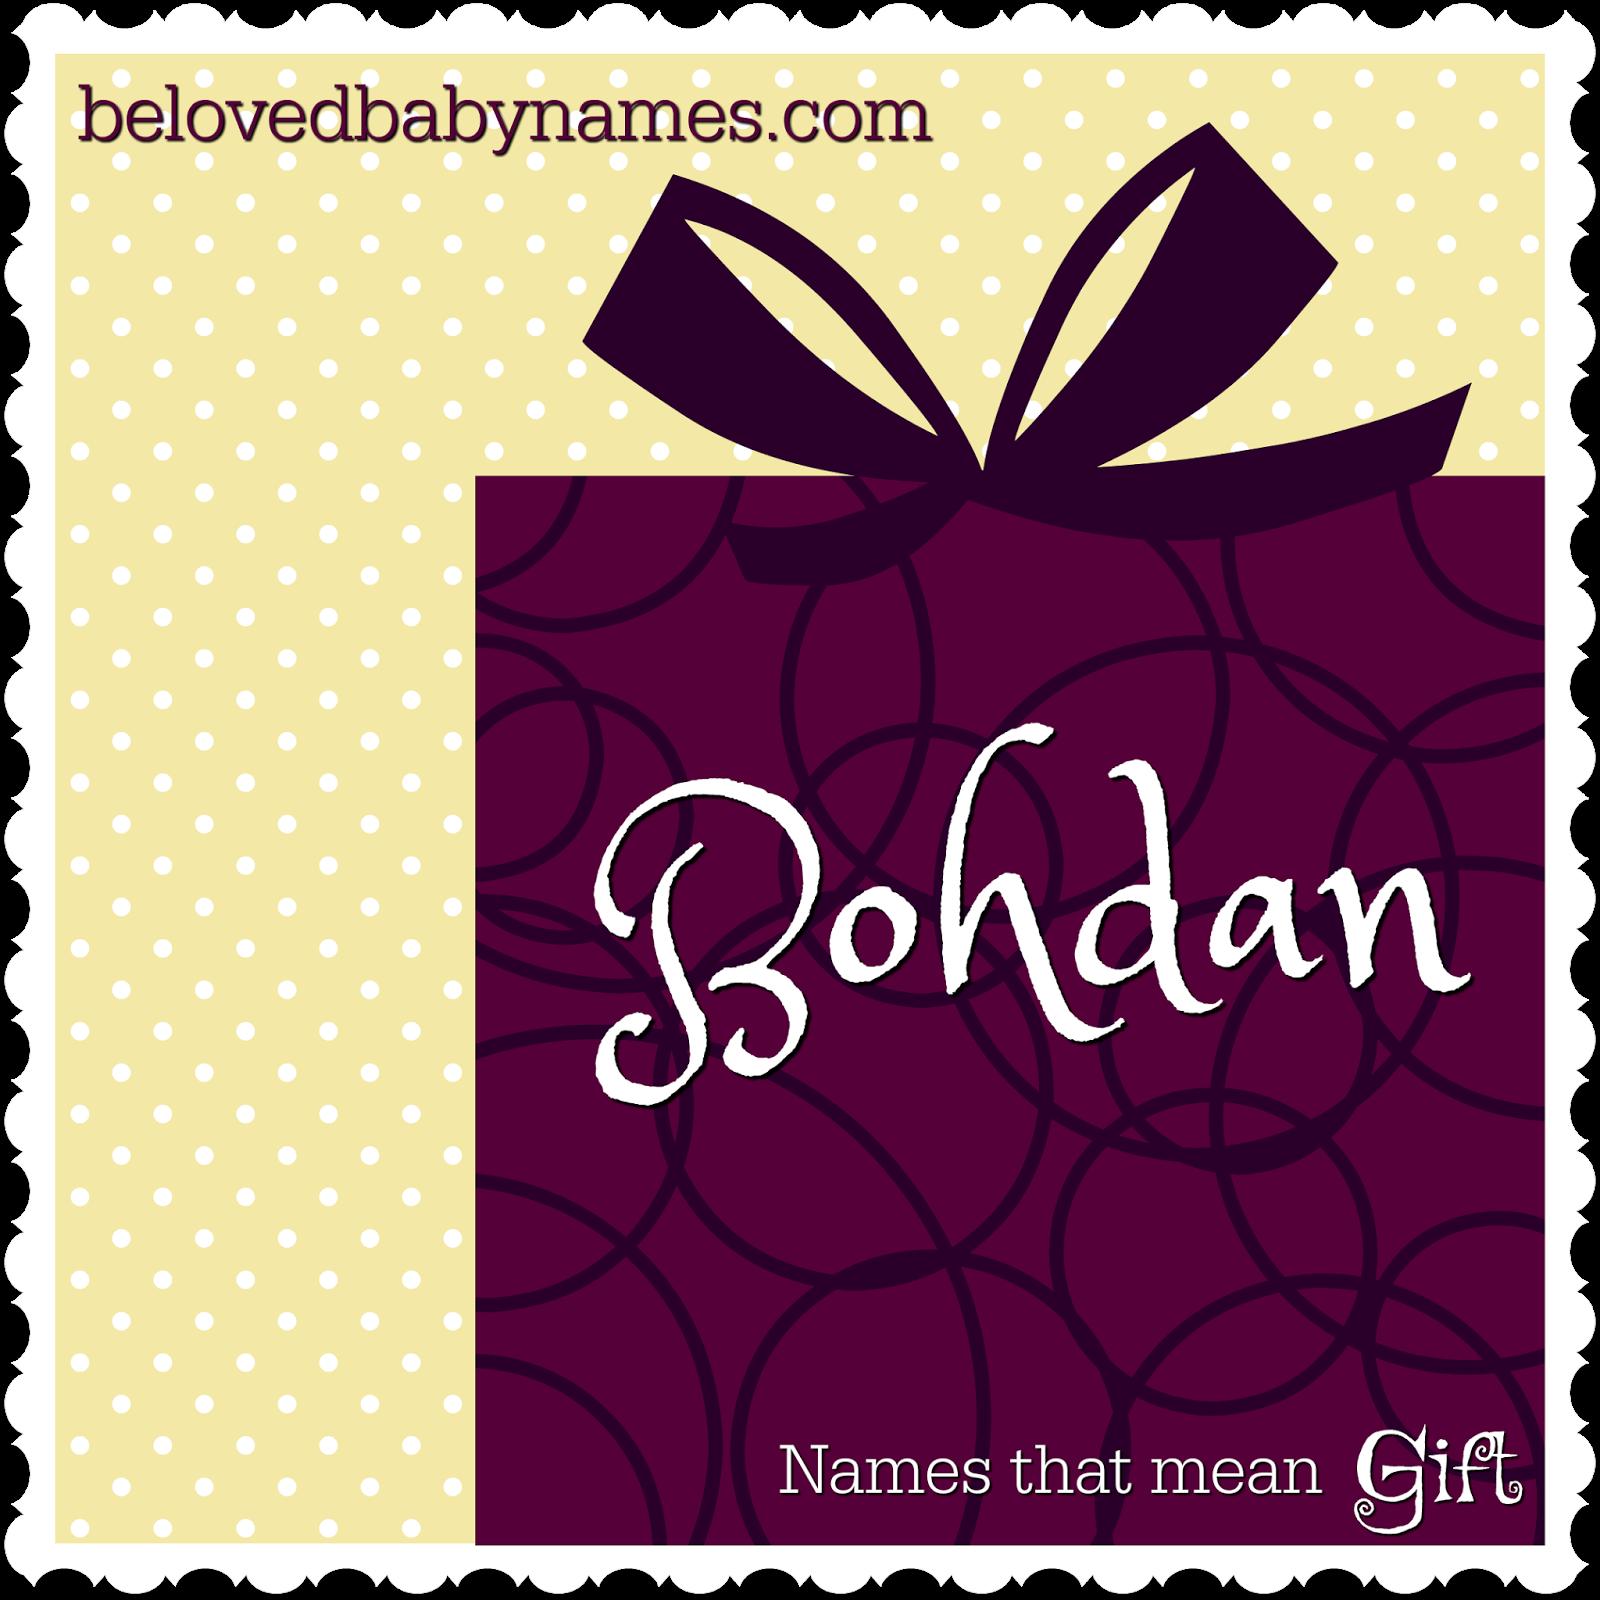 Baby Names - SheKnows Names that mean fashion